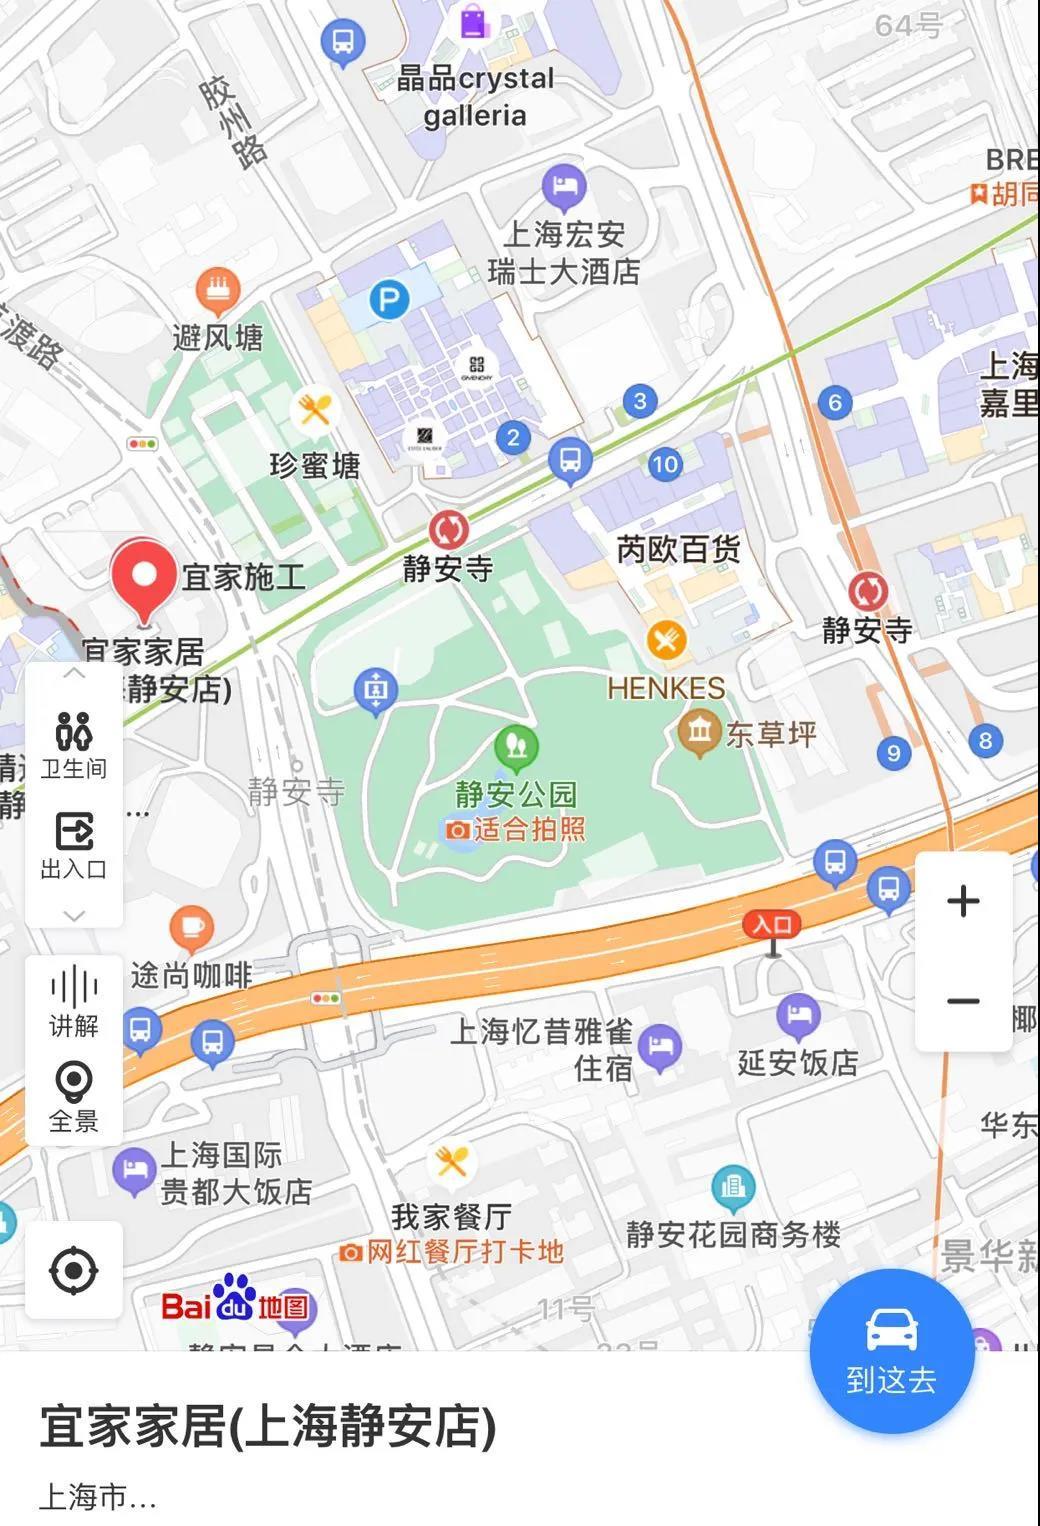 中国首个宜家市中心店来了!明年全球开至30家迷你店插图4